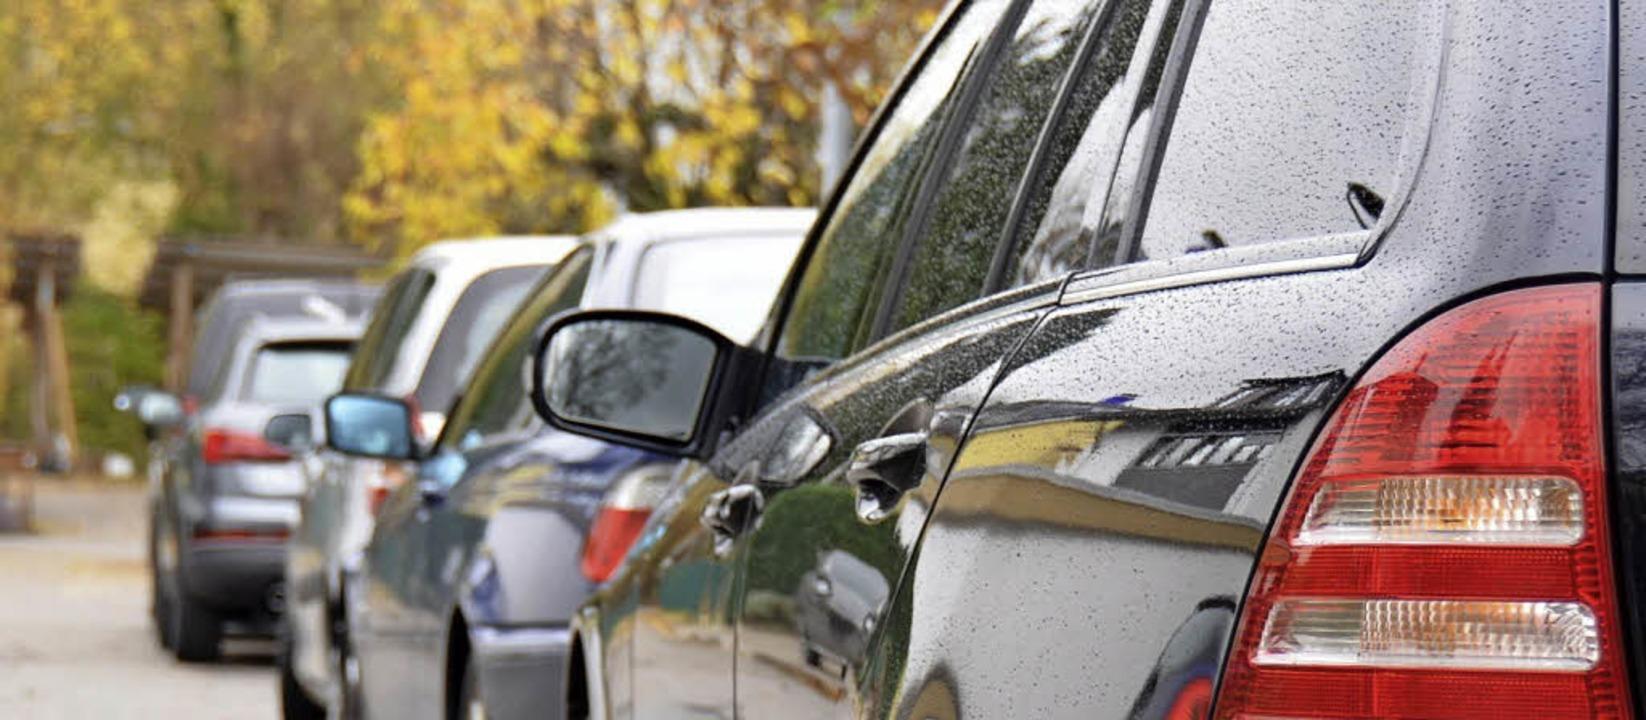 Zugeparkte Straßen sind kein reines Gr...Gemeinden – hier in Merzhausen.   | Foto: Andrea gallien